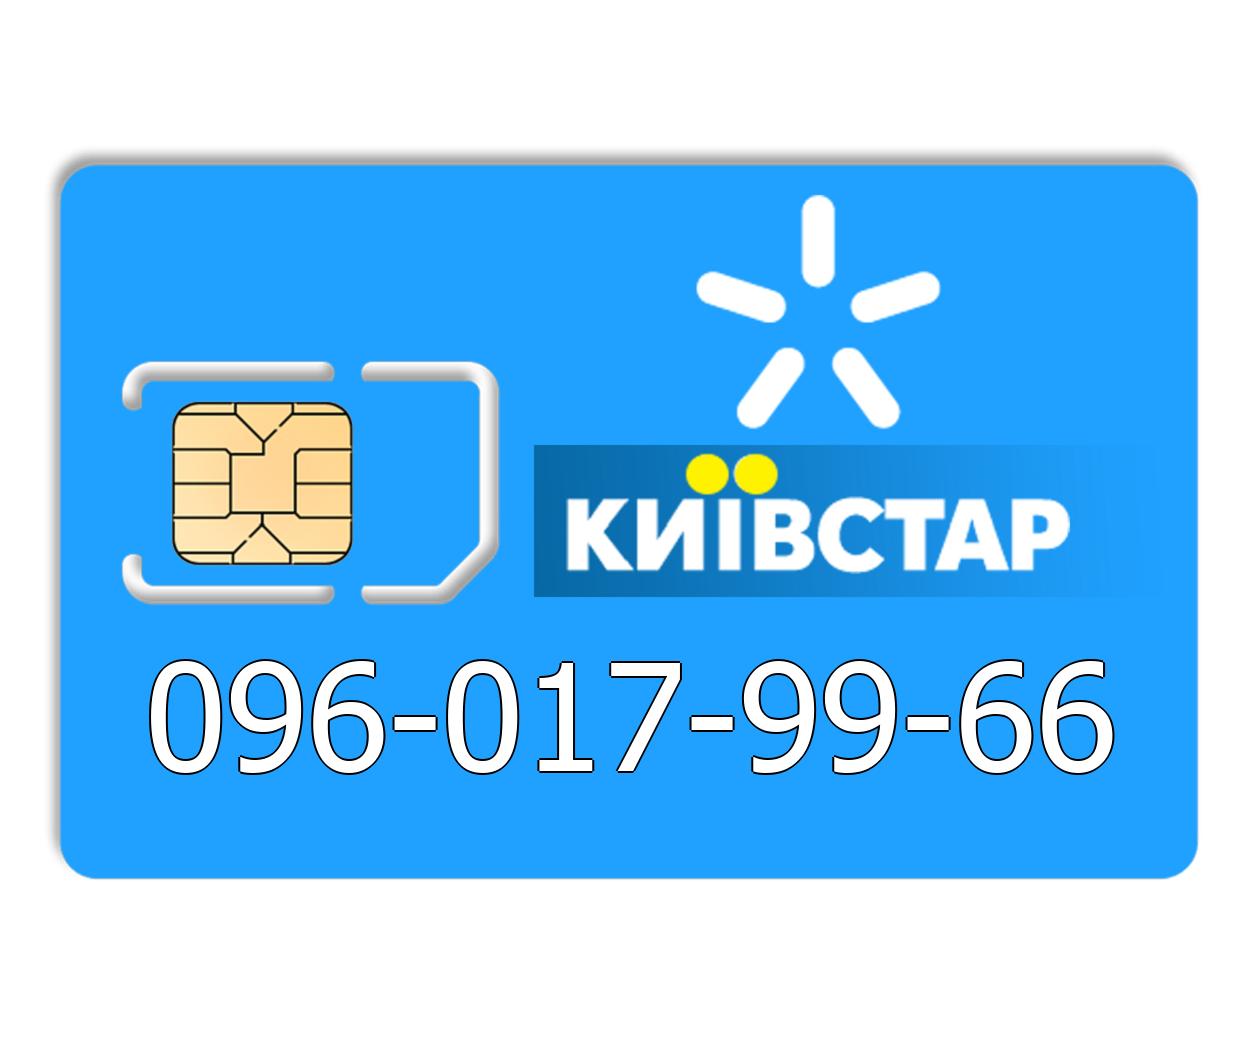 Красивый номер Киевстар 096-017-99-66